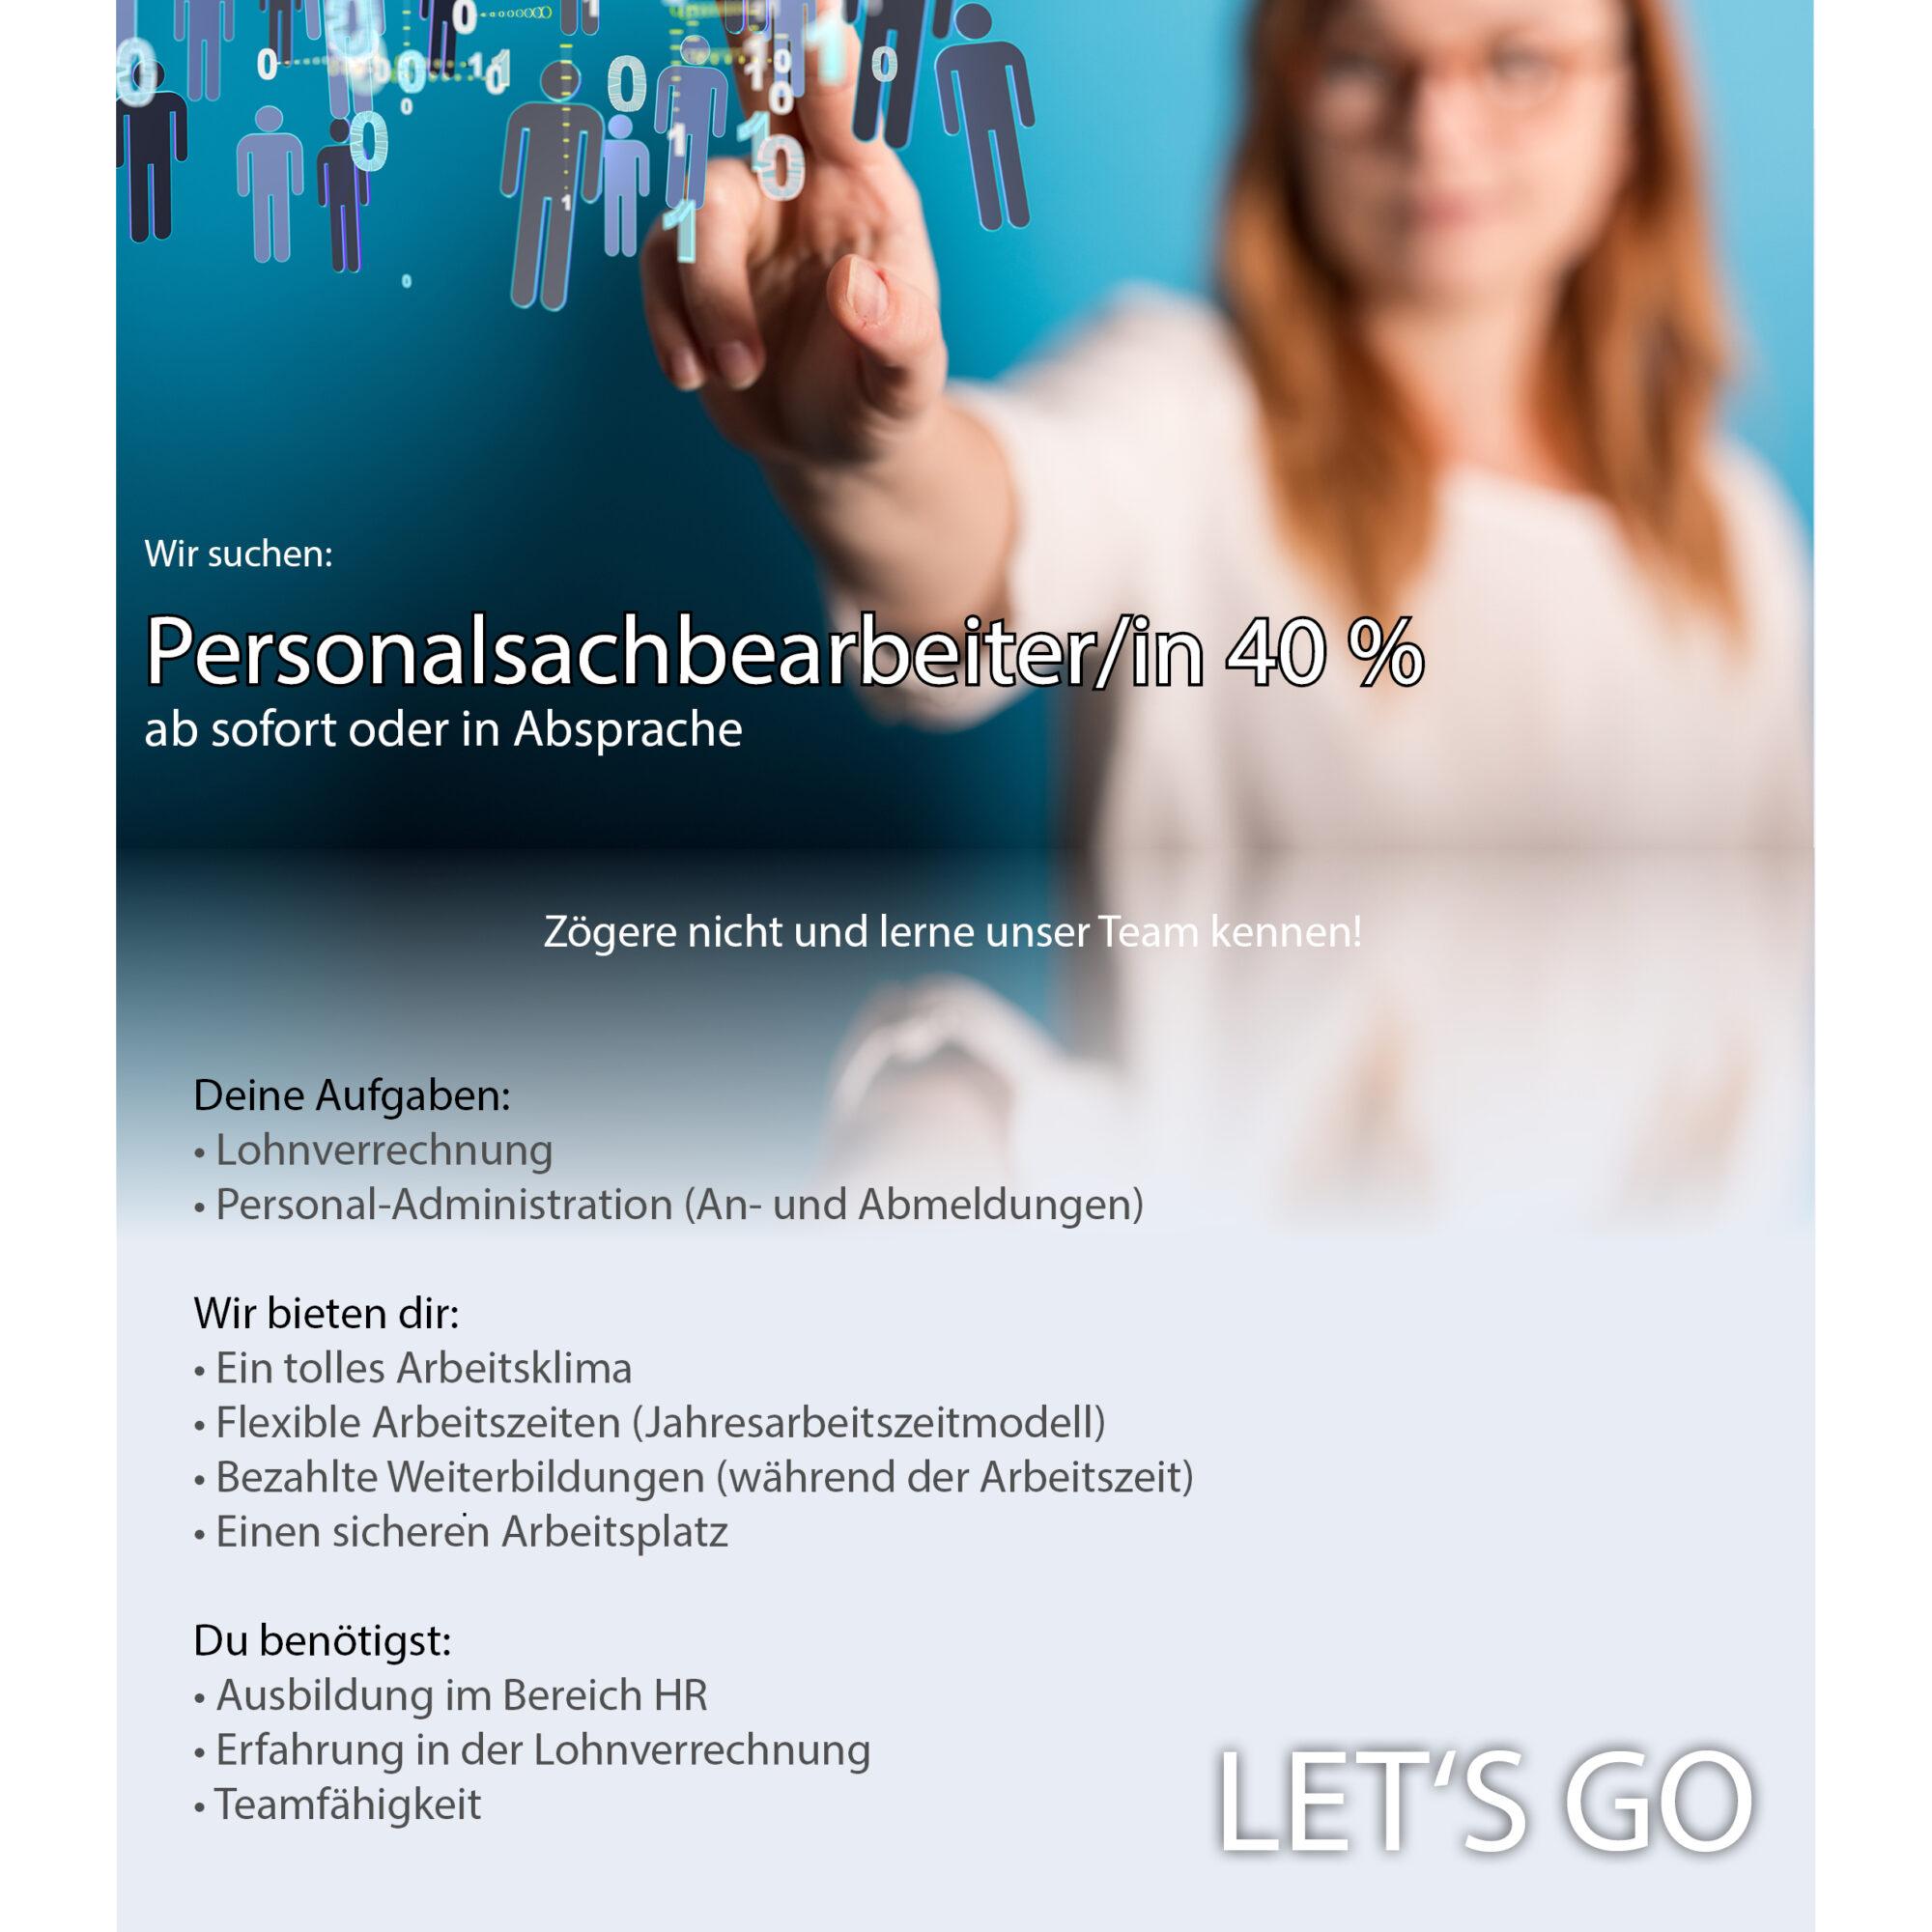 HR Personalsachbearbeiterin